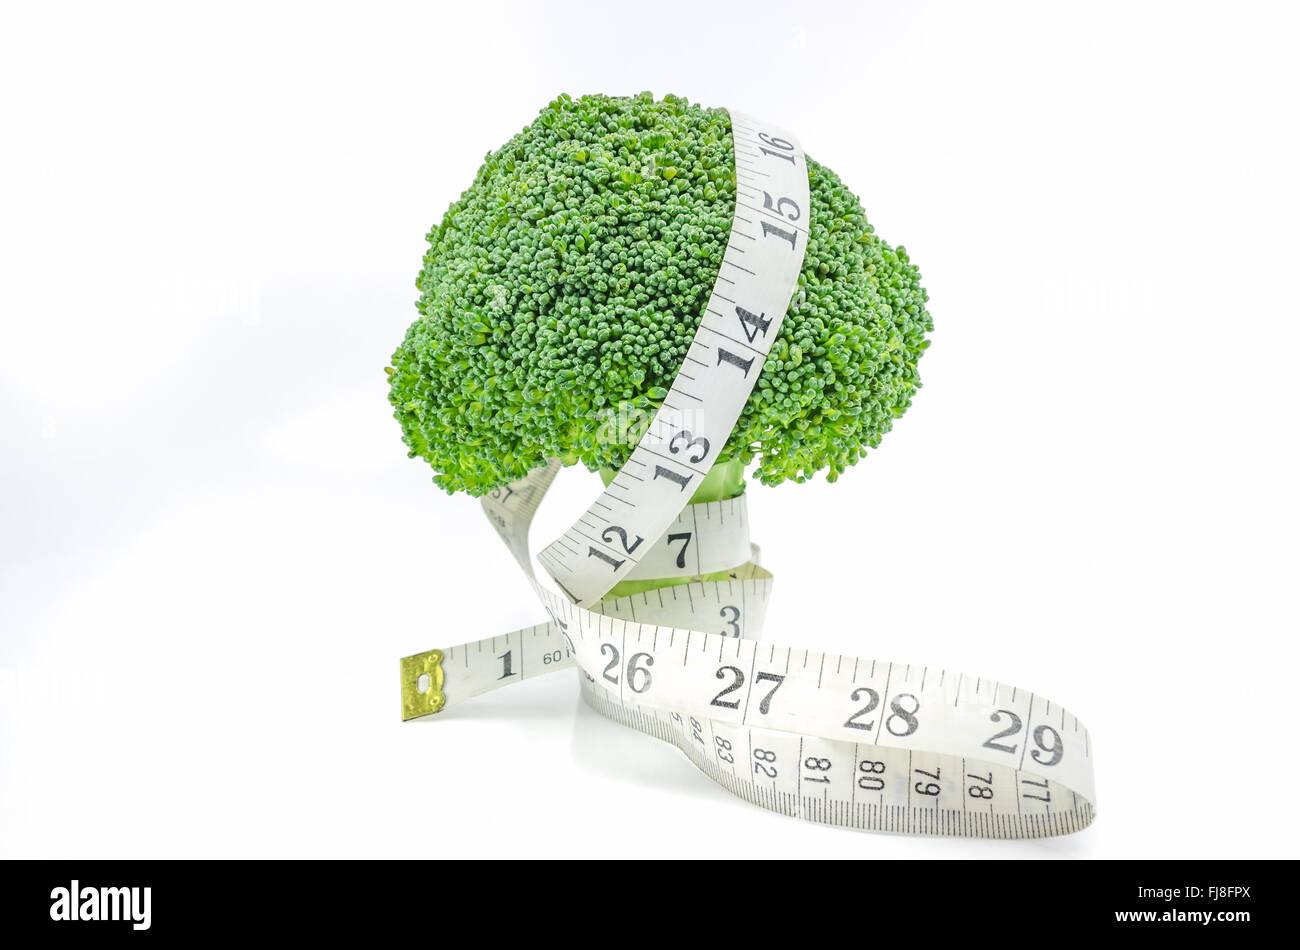 Lebe gesund - frischen rohen Brokkoli mit Maßband auf weißem Hintergrund. Stockbild